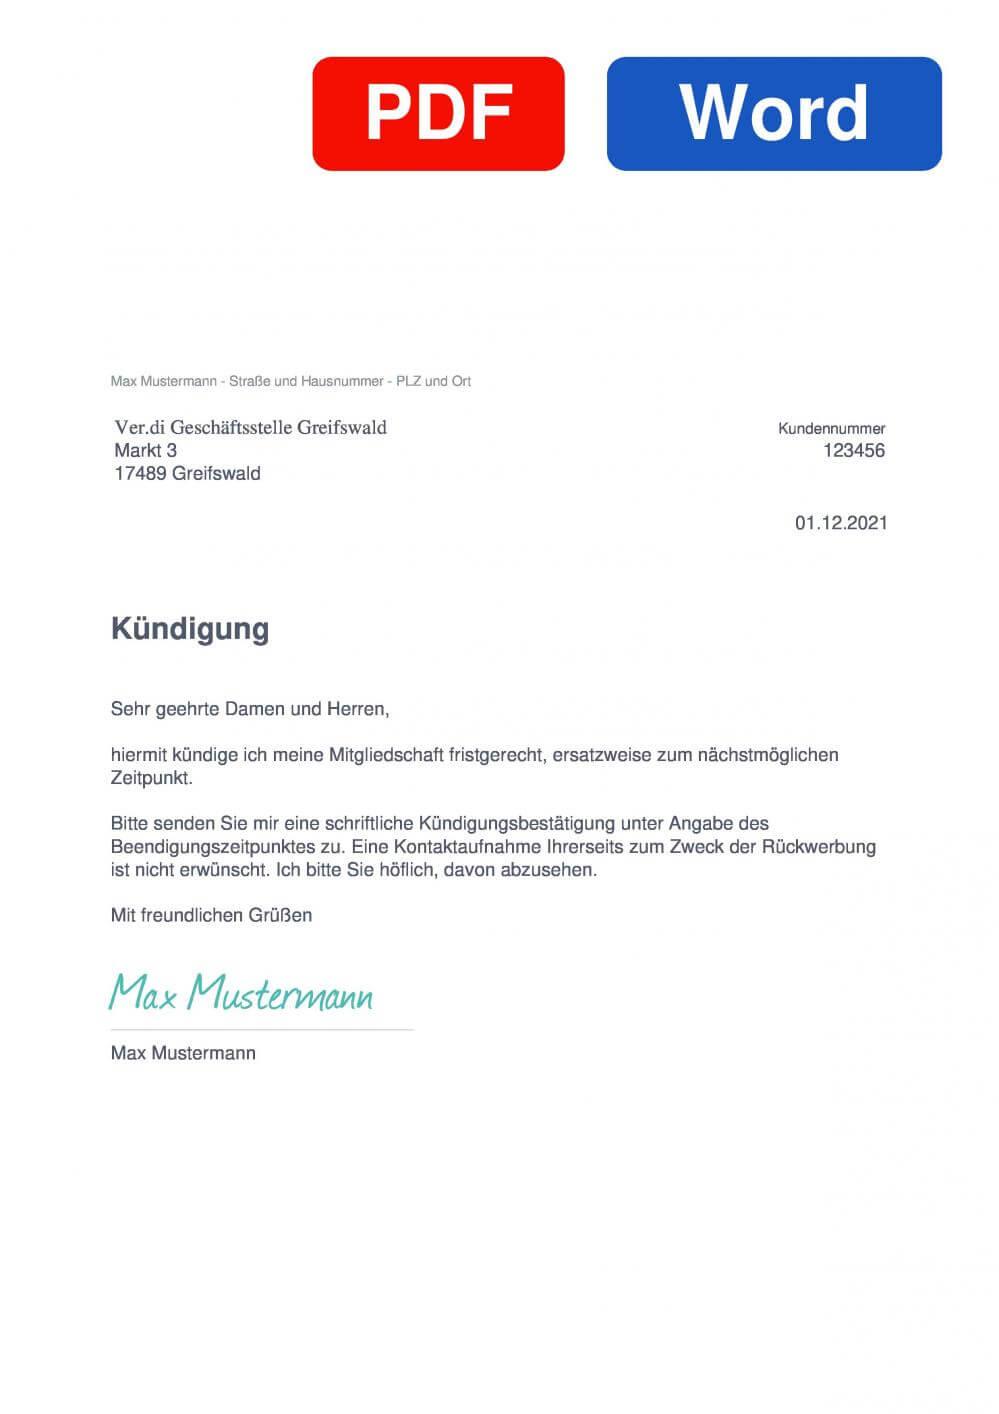 Verdi Greifswald Muster Vorlage für Kündigungsschreiben